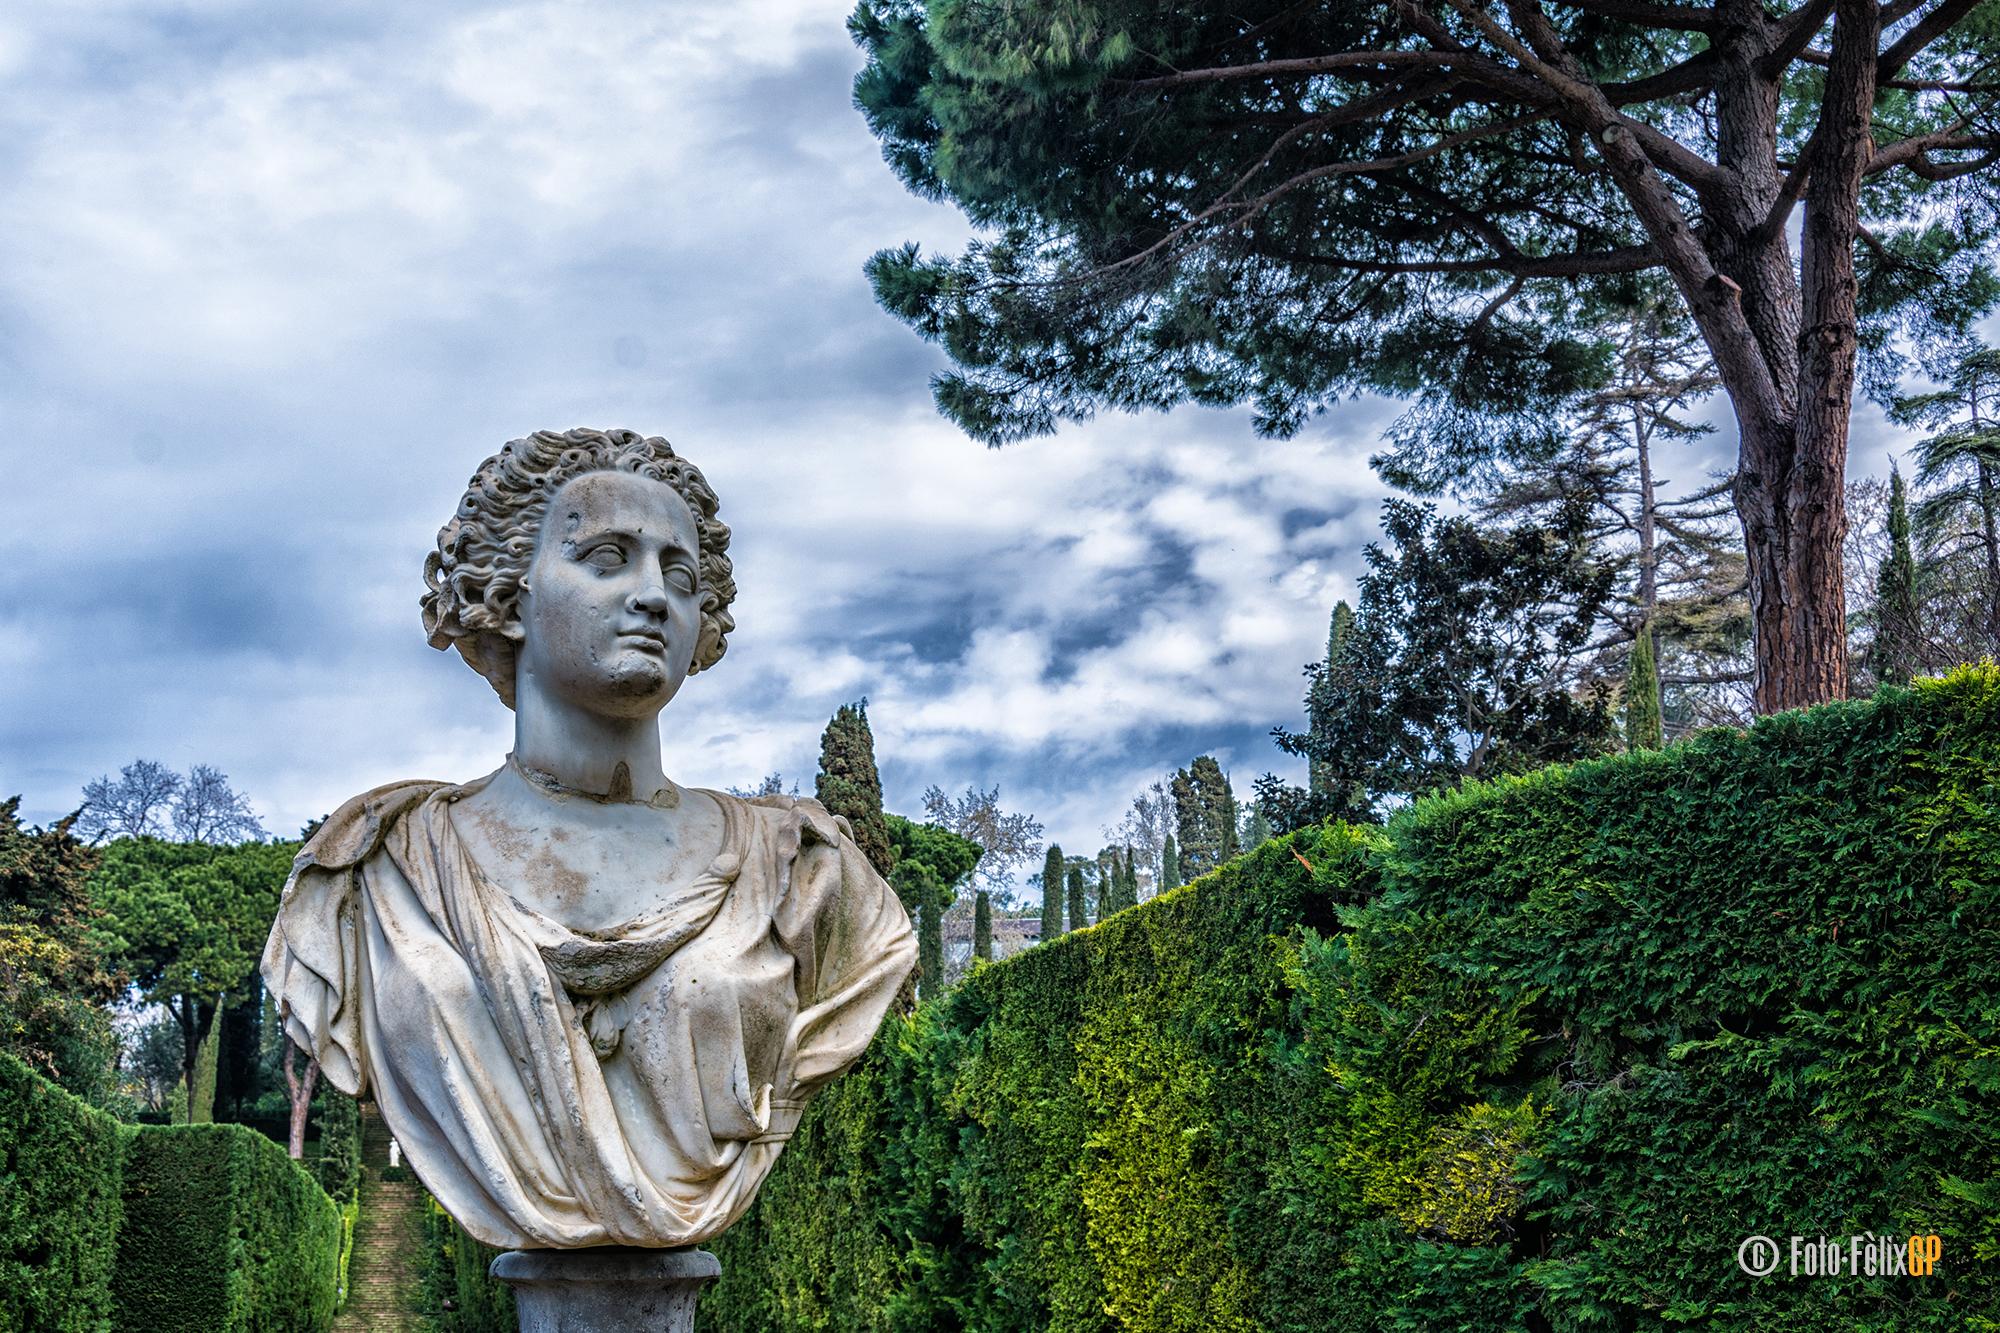 Jard de santa clotilde lloret de mar 9181 jardines de for Jardines de santa clotilde